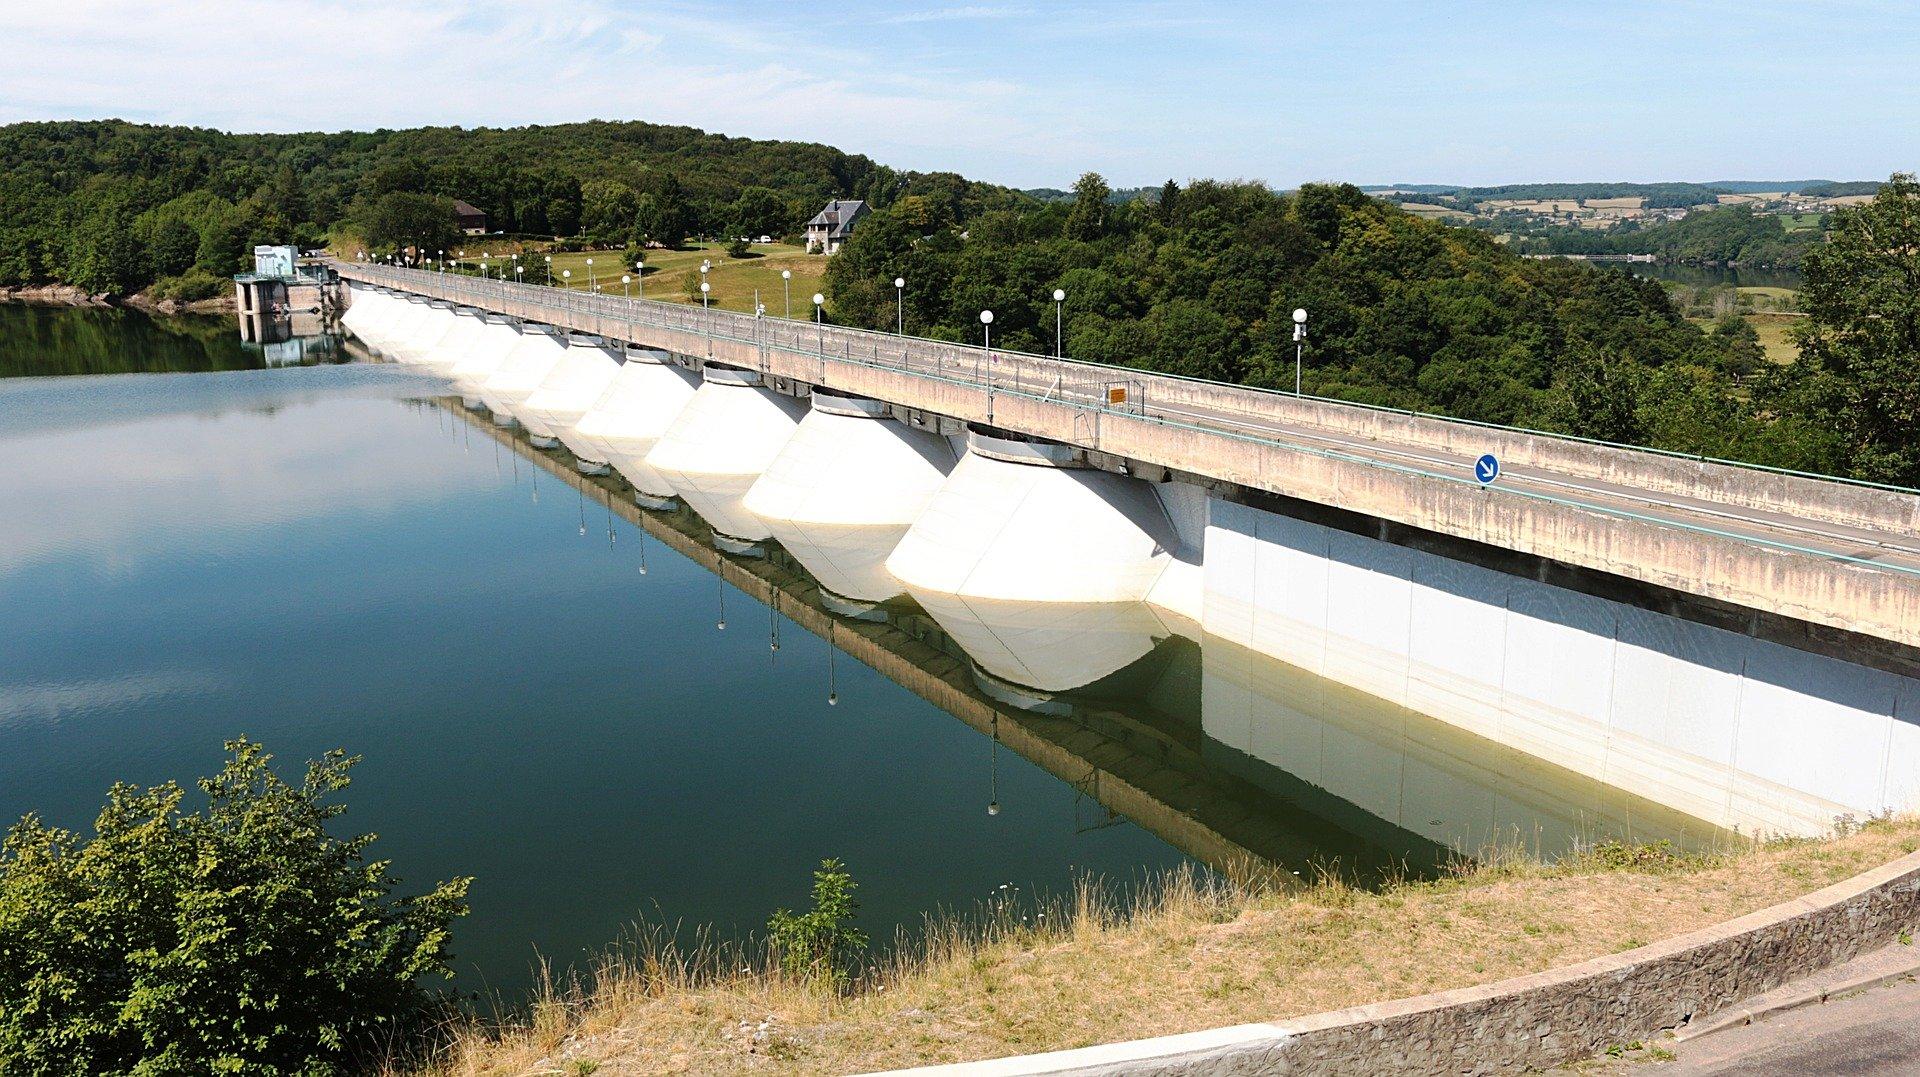 """Colloque """"Impacts cumulés des retenues d'eau et expériences de gestionnaires"""" les 30 et 31 janvier à La Fouillade (12270)"""